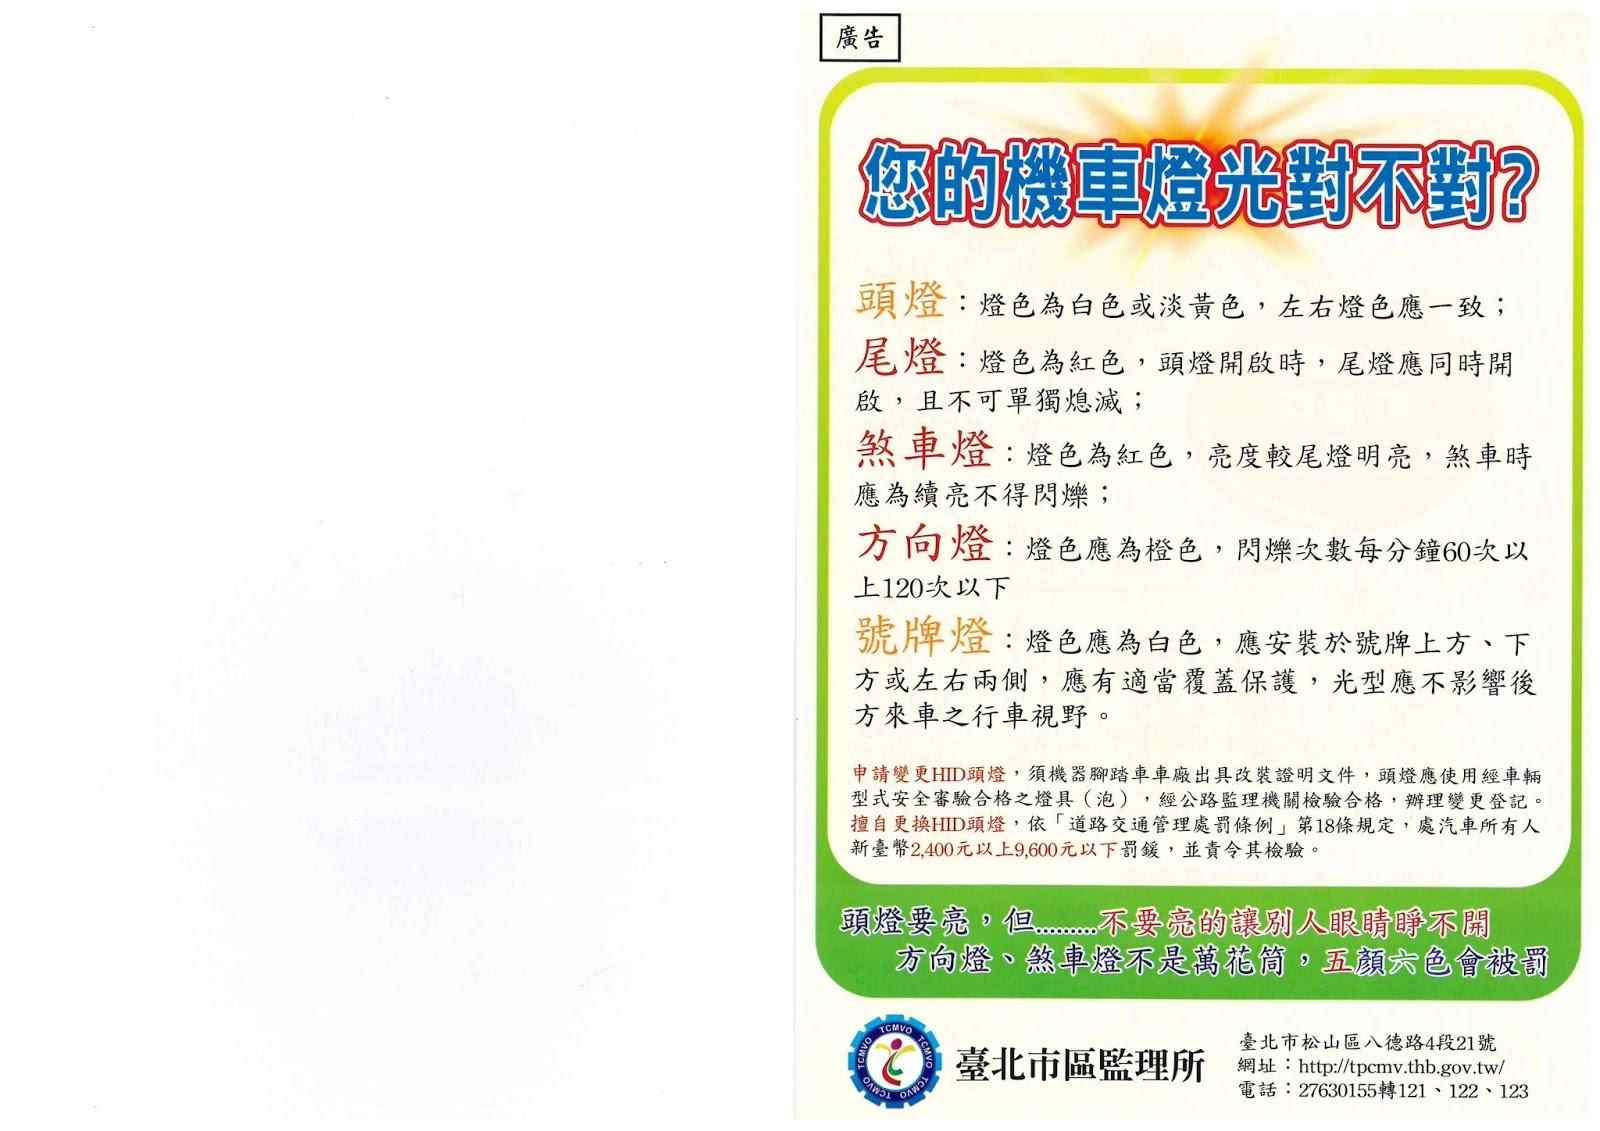 市立大同交通安全教育網: 臺北市監理所機車安全宣導